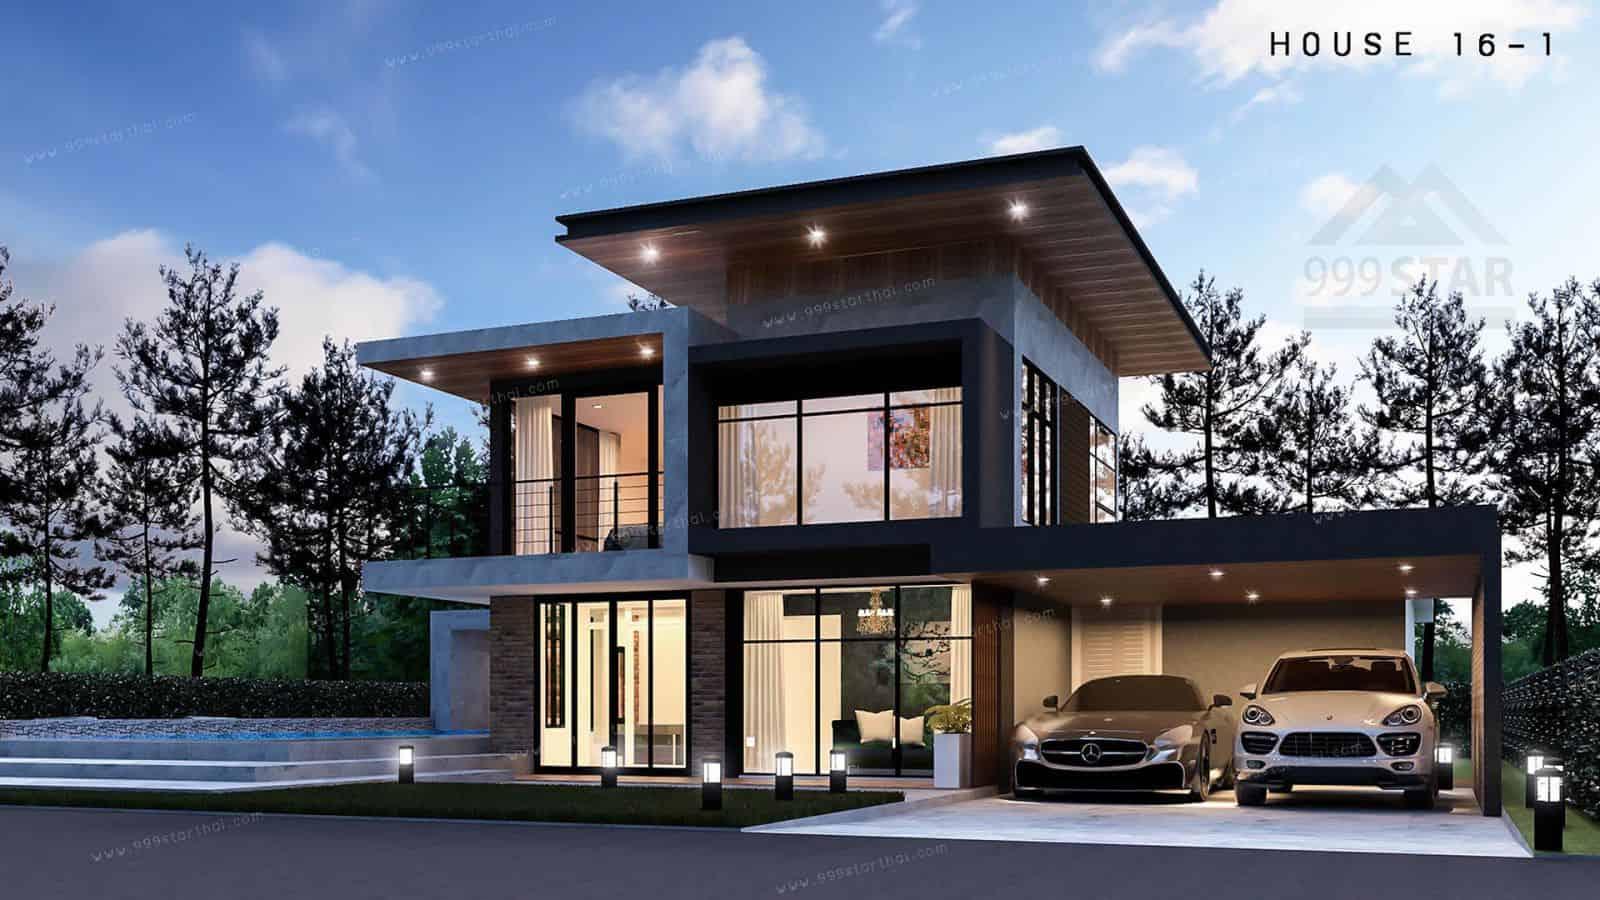 ออกแบบบ้าน-16.1